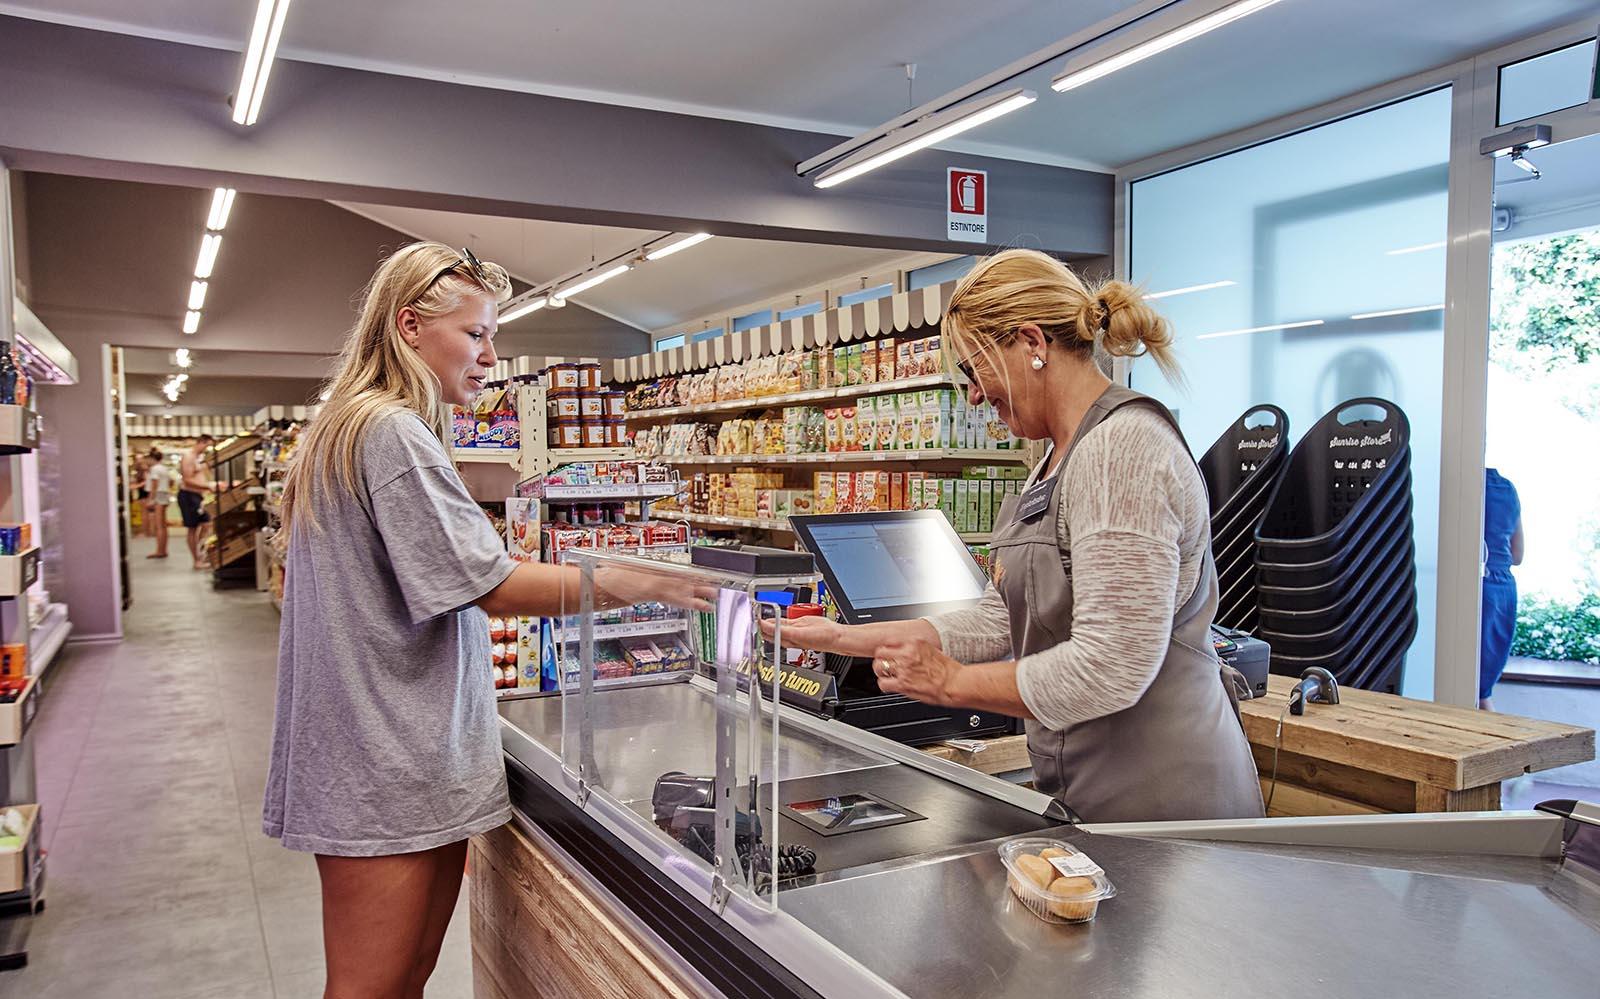 0-Einkaufen-Supermarkt-Campingplatz